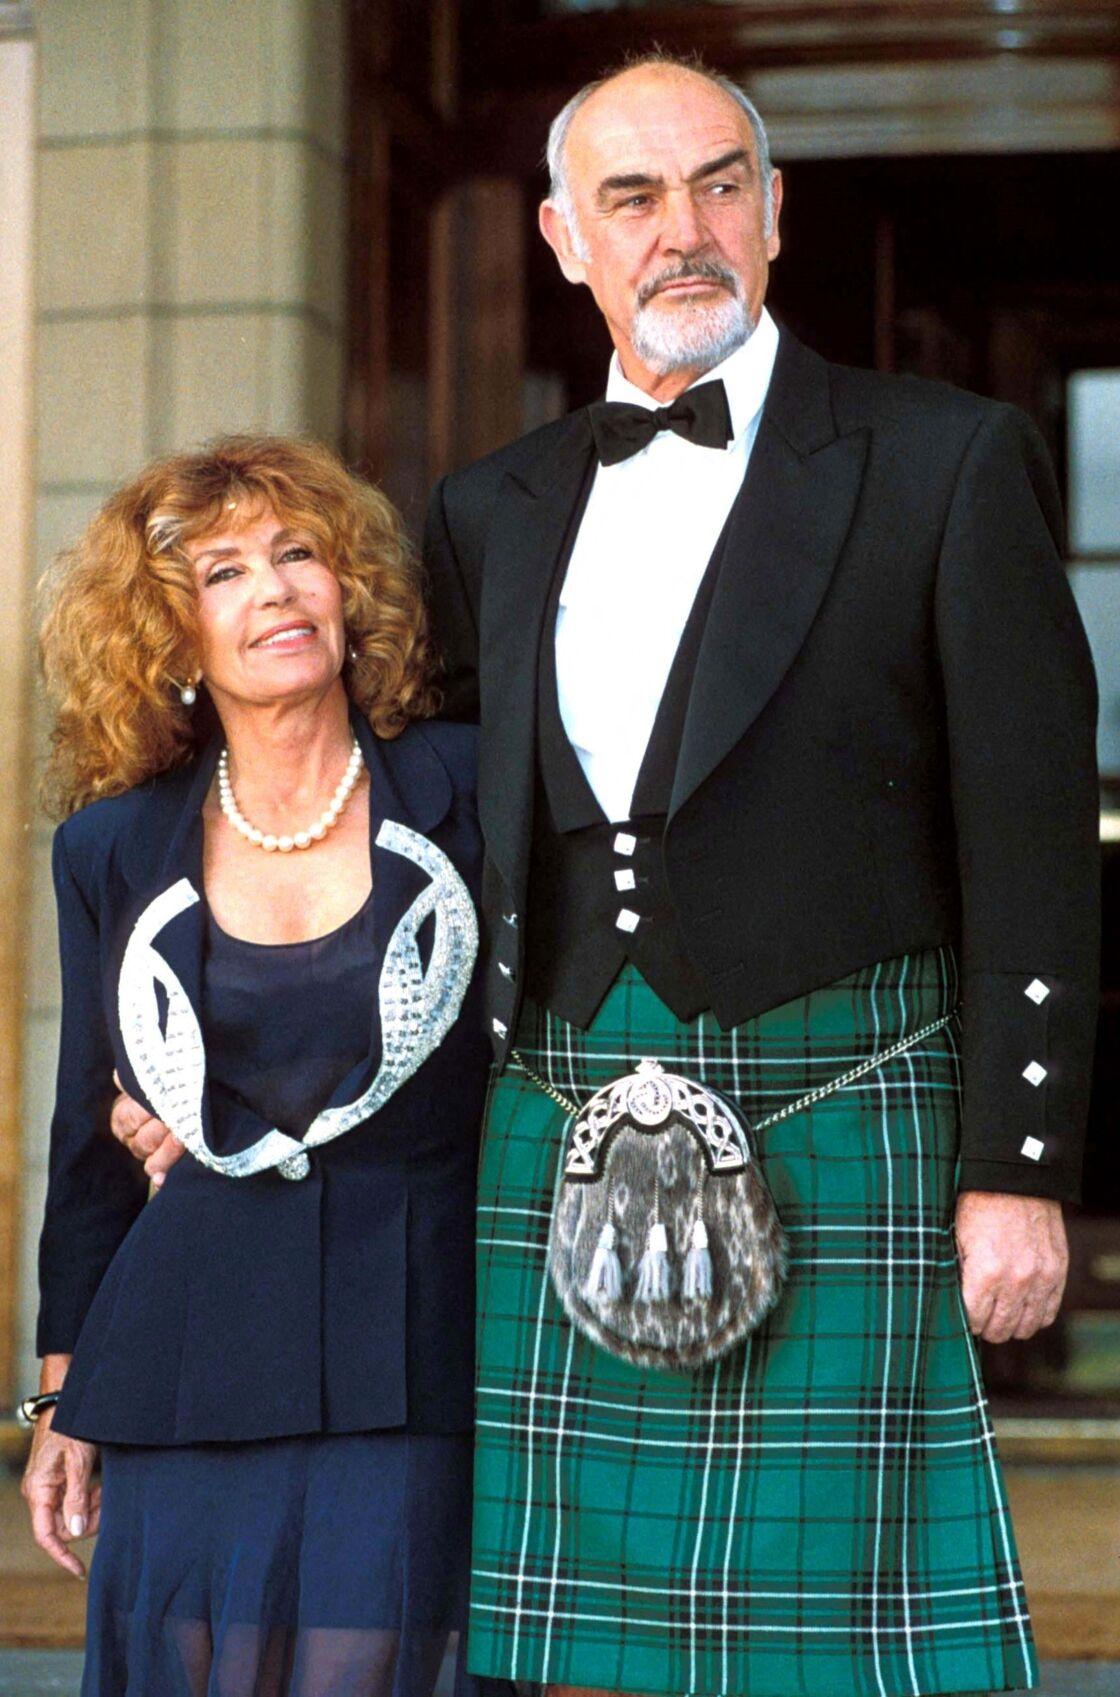 Stéphanie Renouvin est la petite-fille de Micheline Roquebrune, deuxième femme de Sean Connery depuis 1975